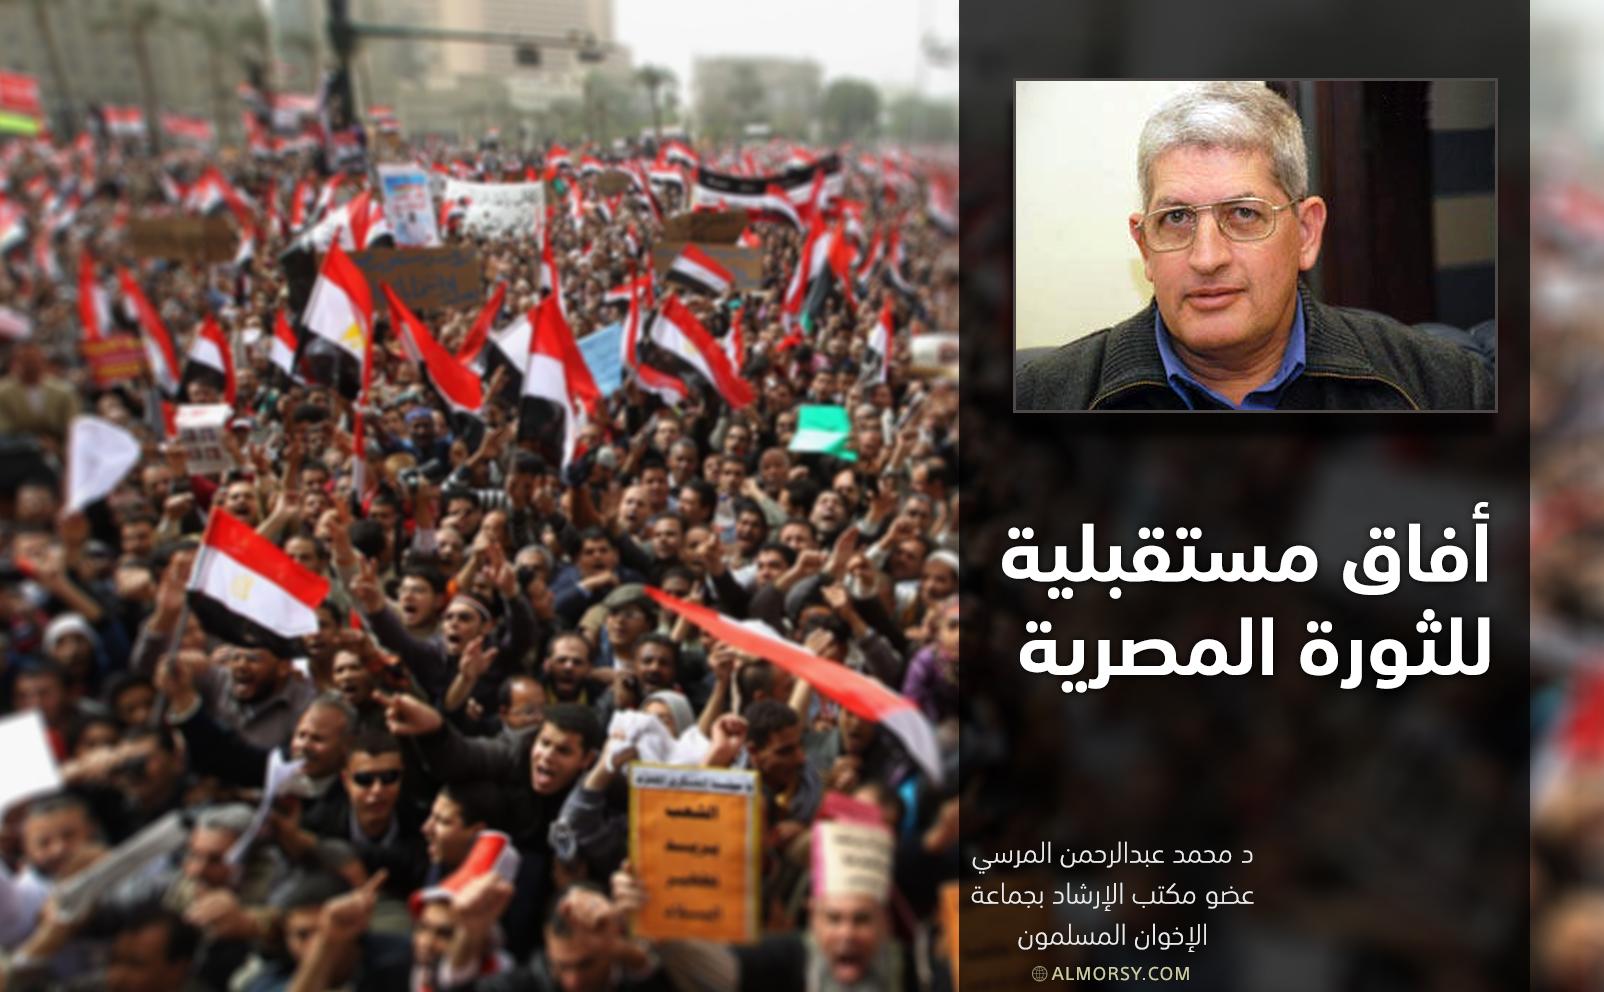 أفاق مستقبلية للثورة المصرية